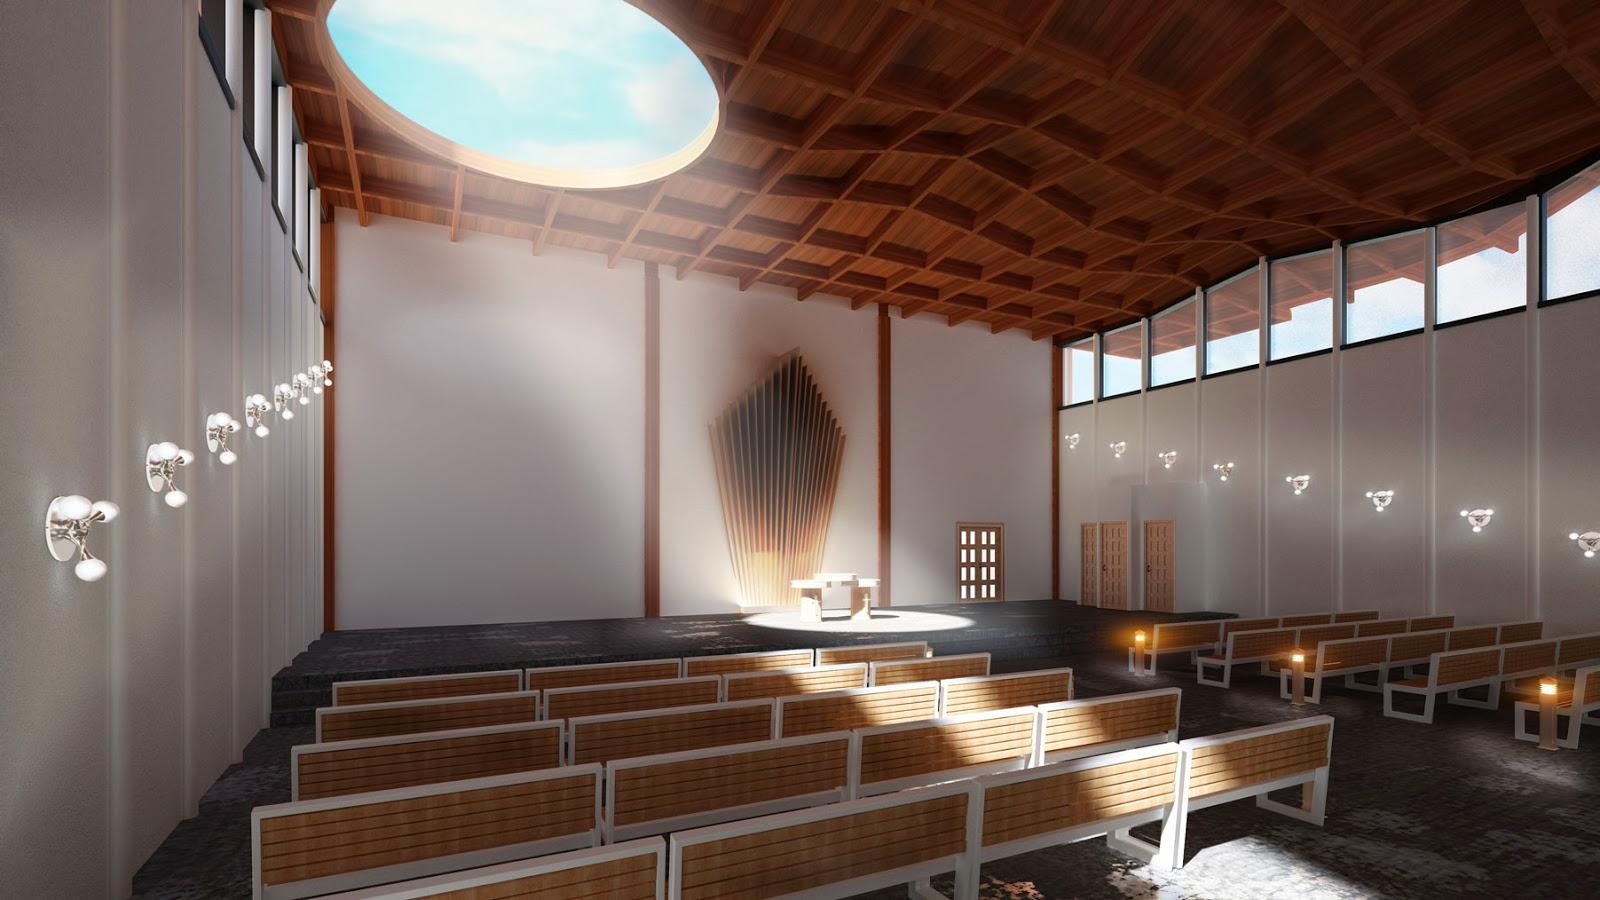 Reconstrucci n de un edificio industrial en la iglesia for Diseno de interiores guadalajara